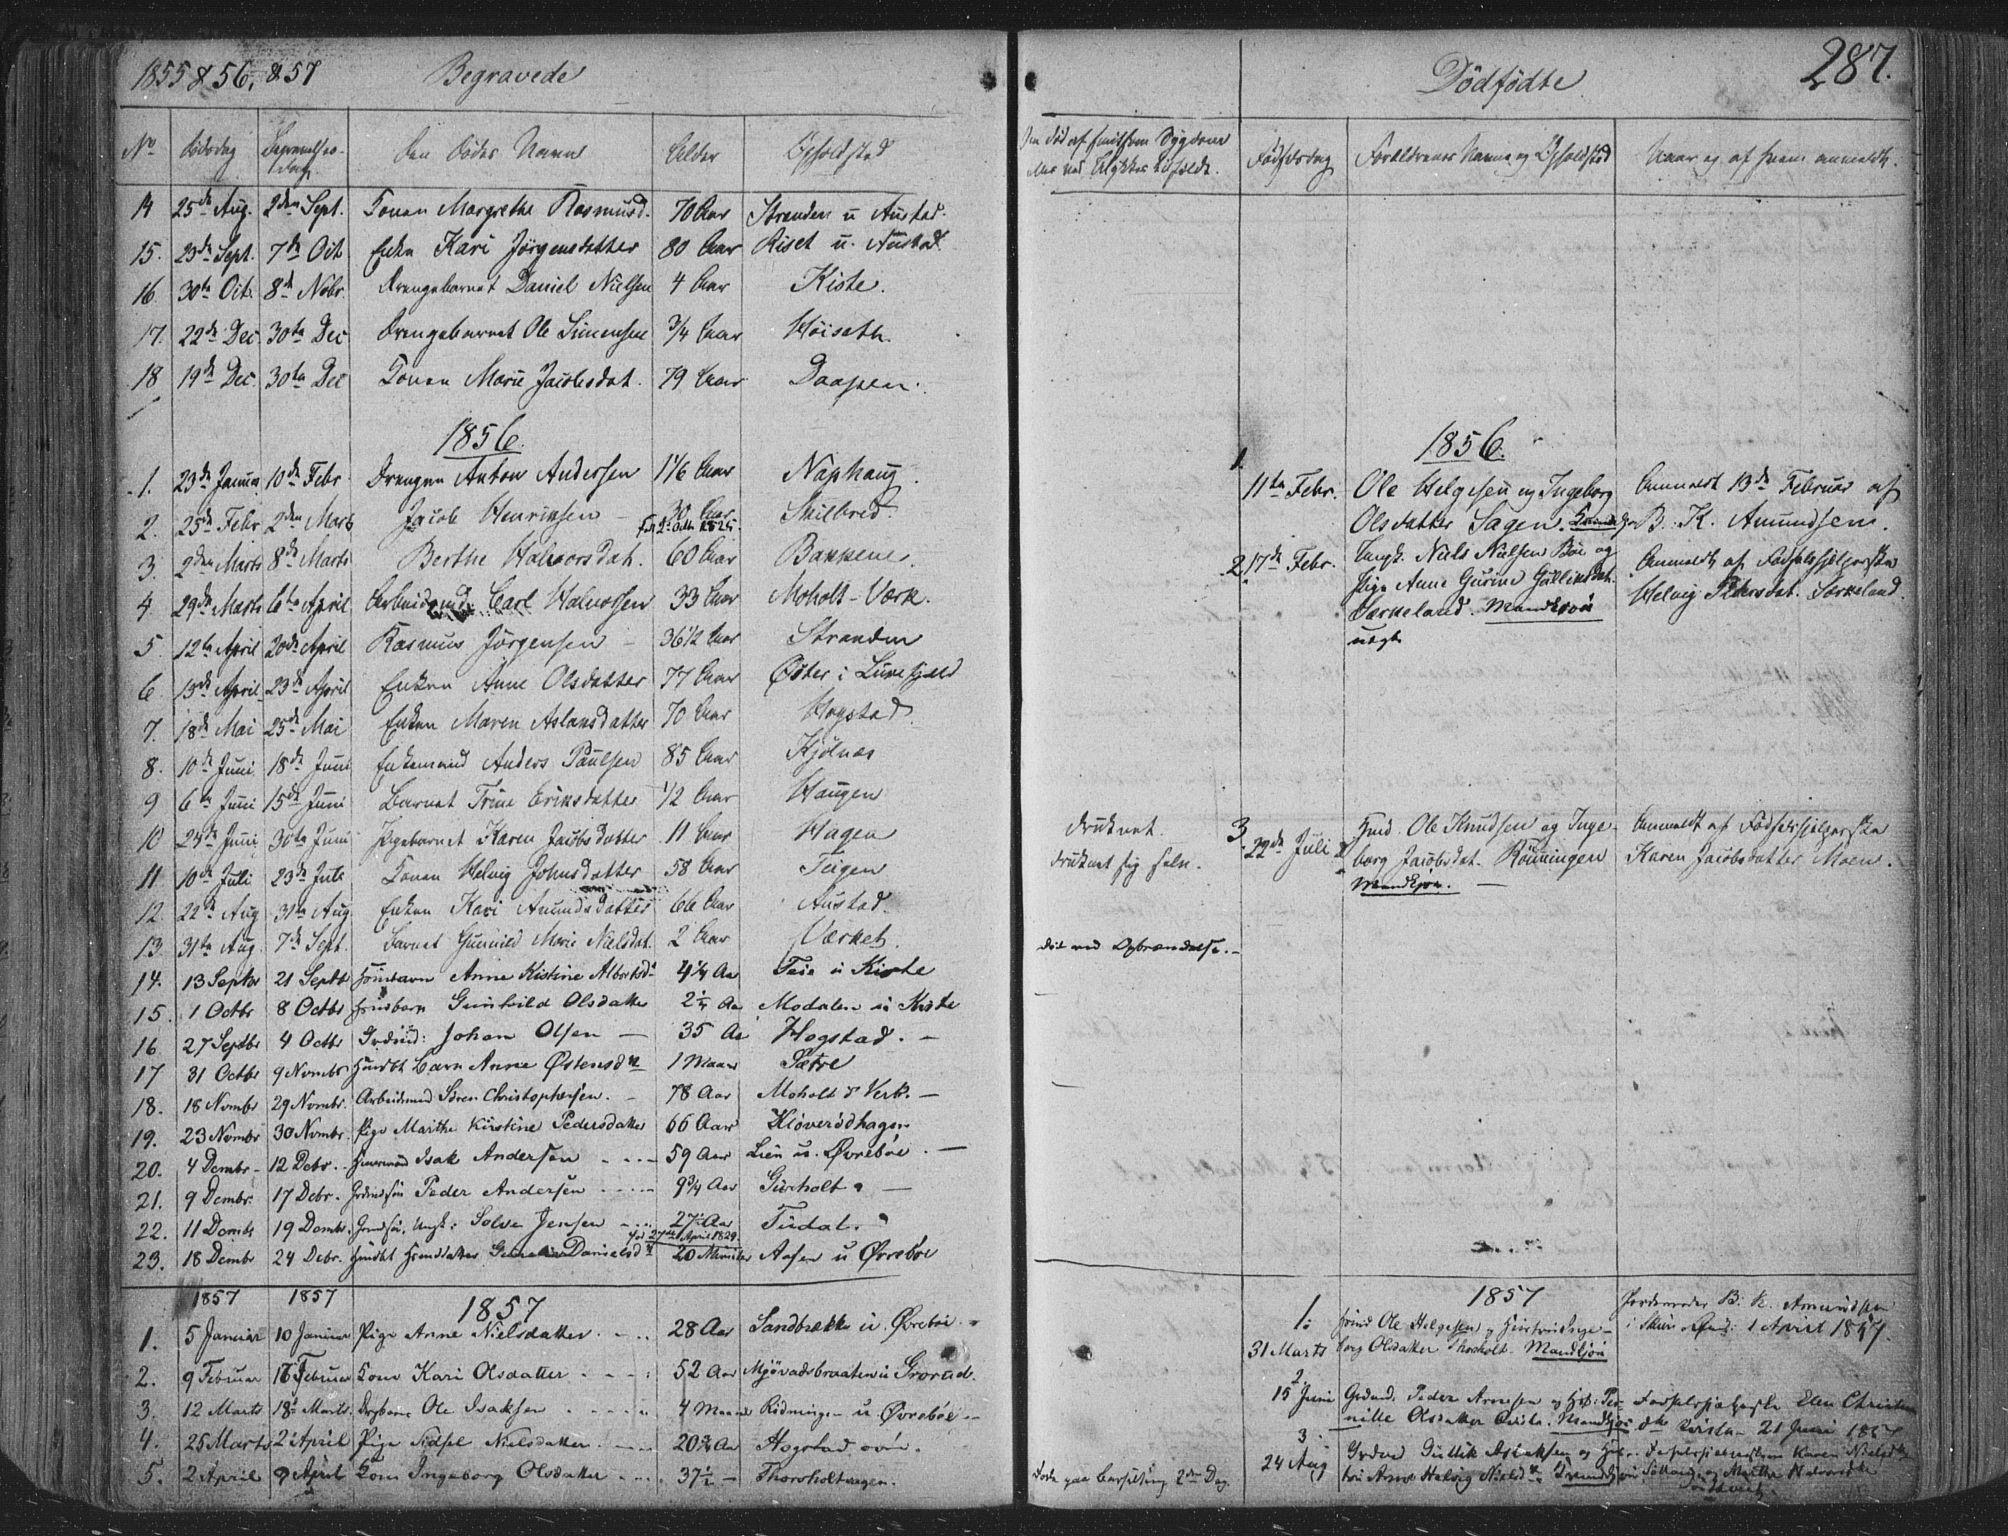 SAKO, Siljan kirkebøker, F/Fa/L0001: Ministerialbok nr. 1, 1831-1870, s. 287